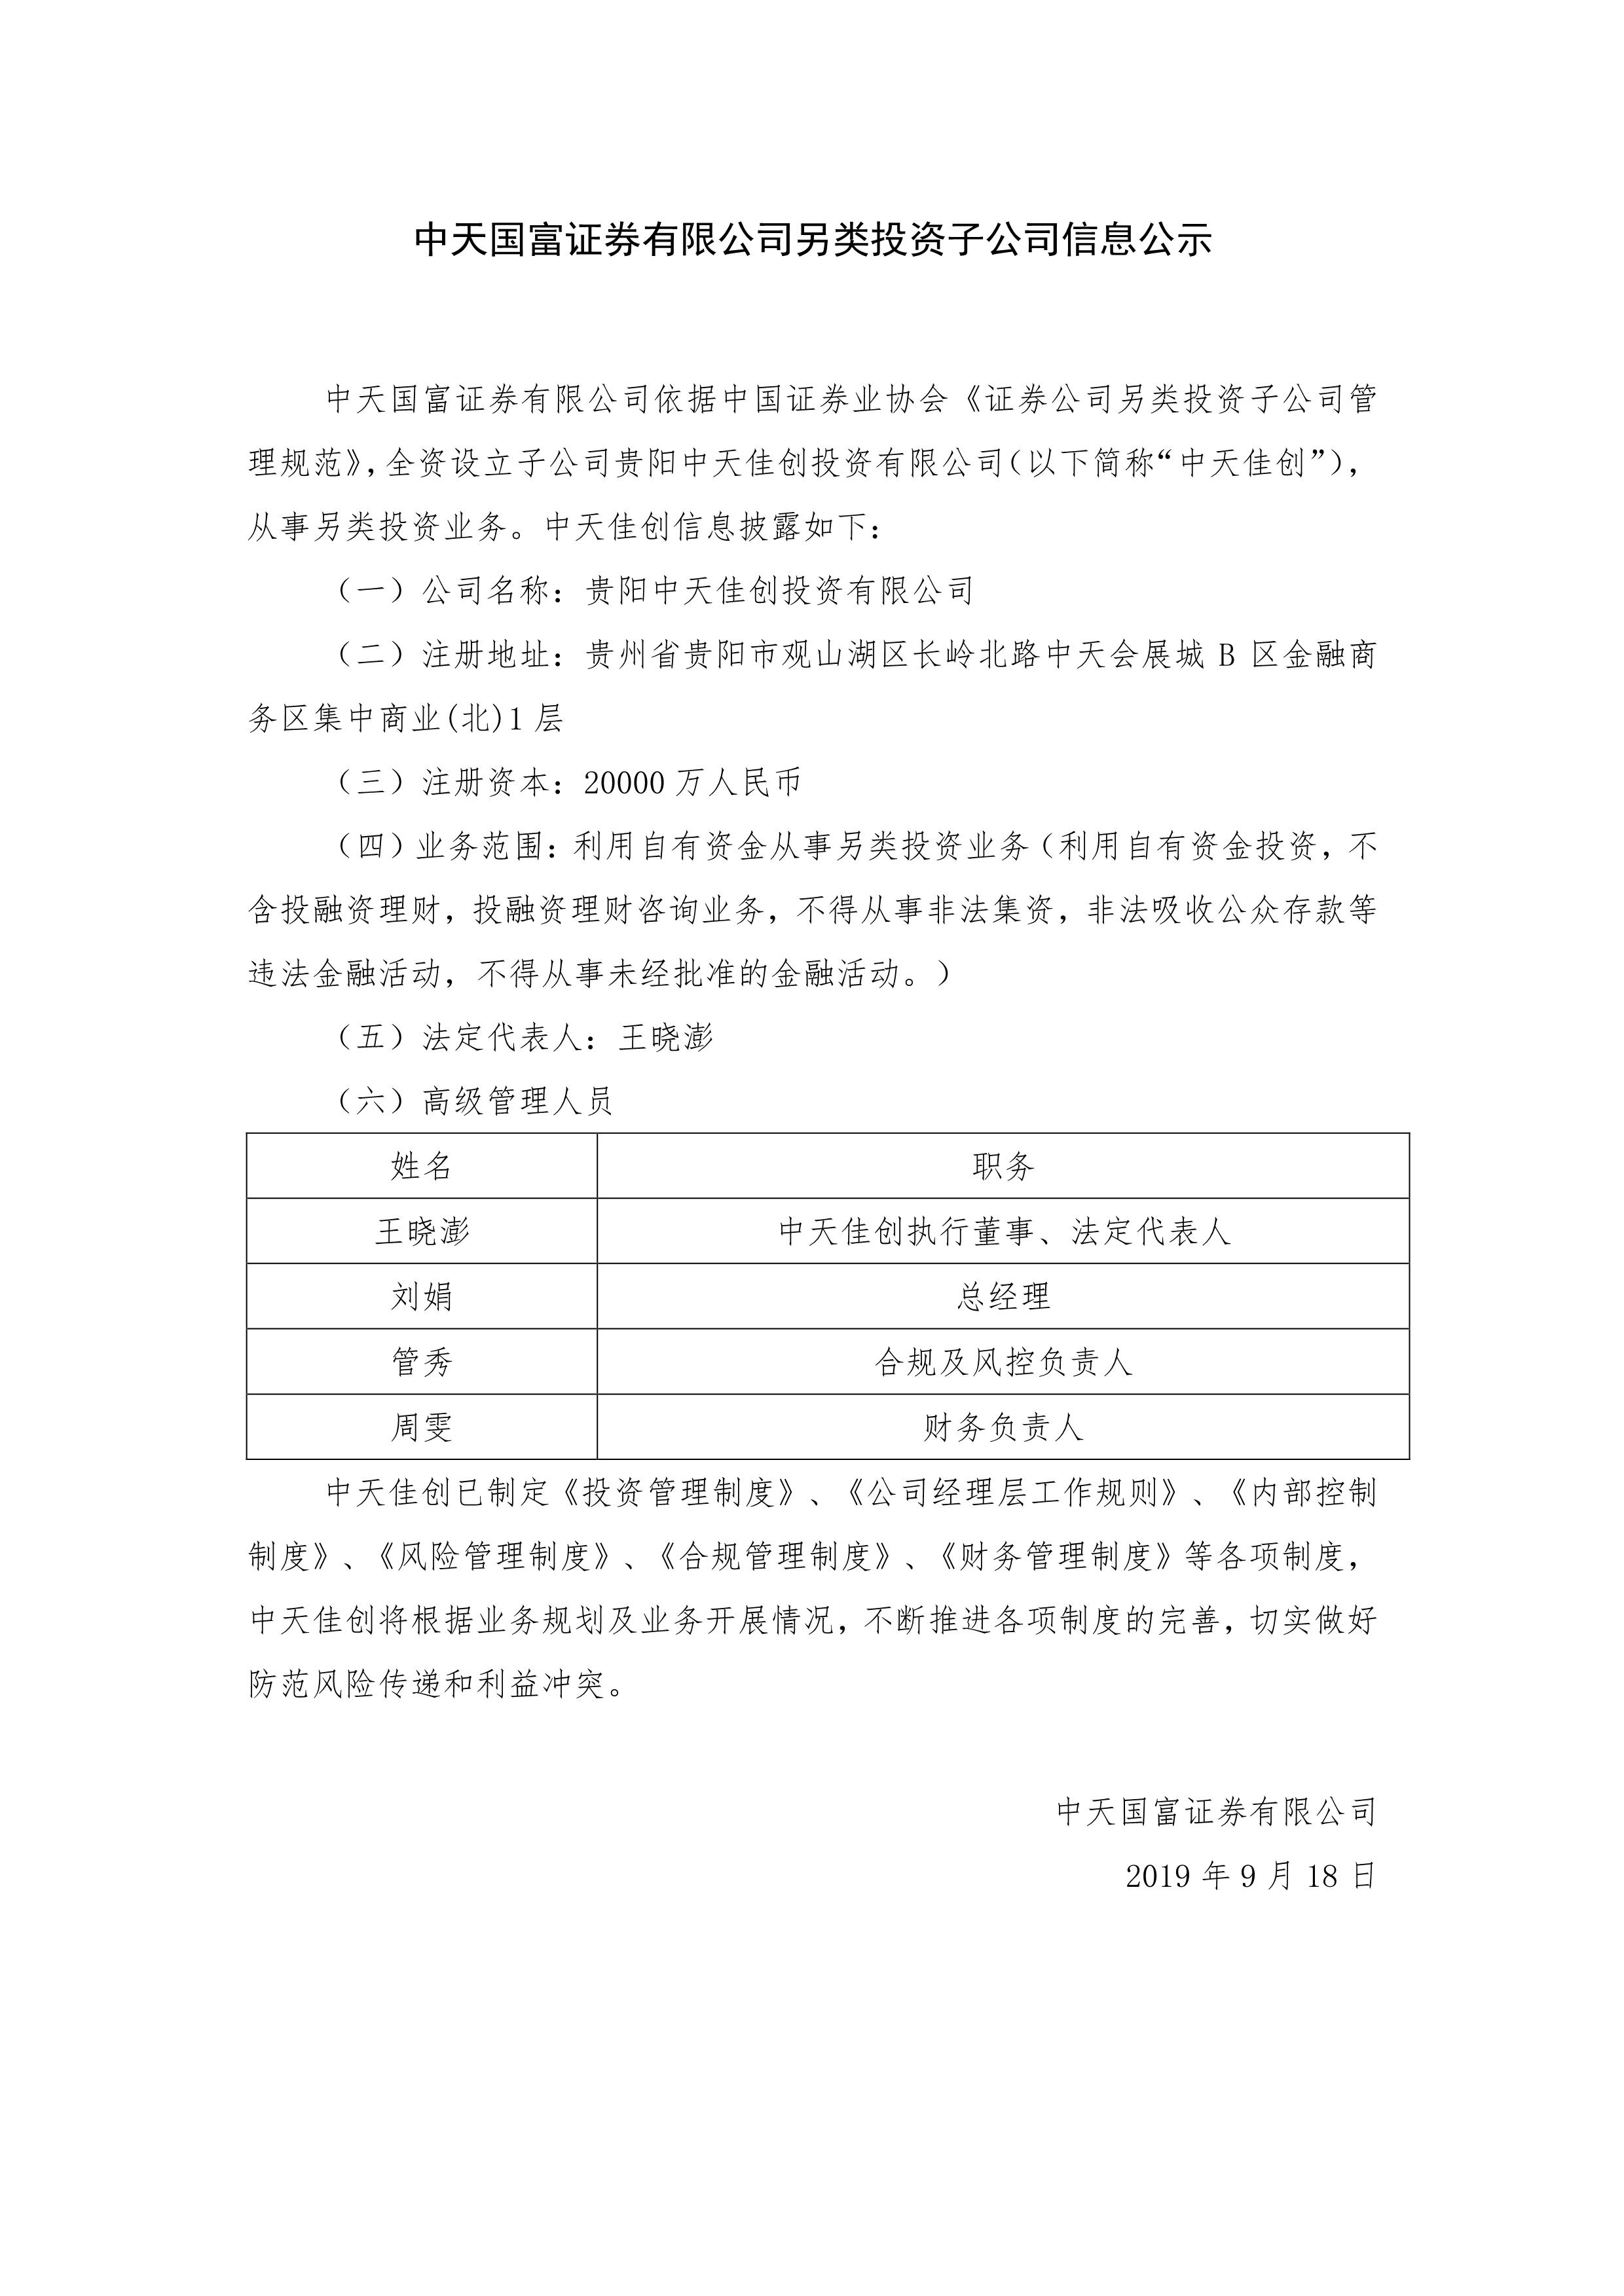 092311164966_0中天國富證券有限公司另類投資子公司信息公示_1.jpg